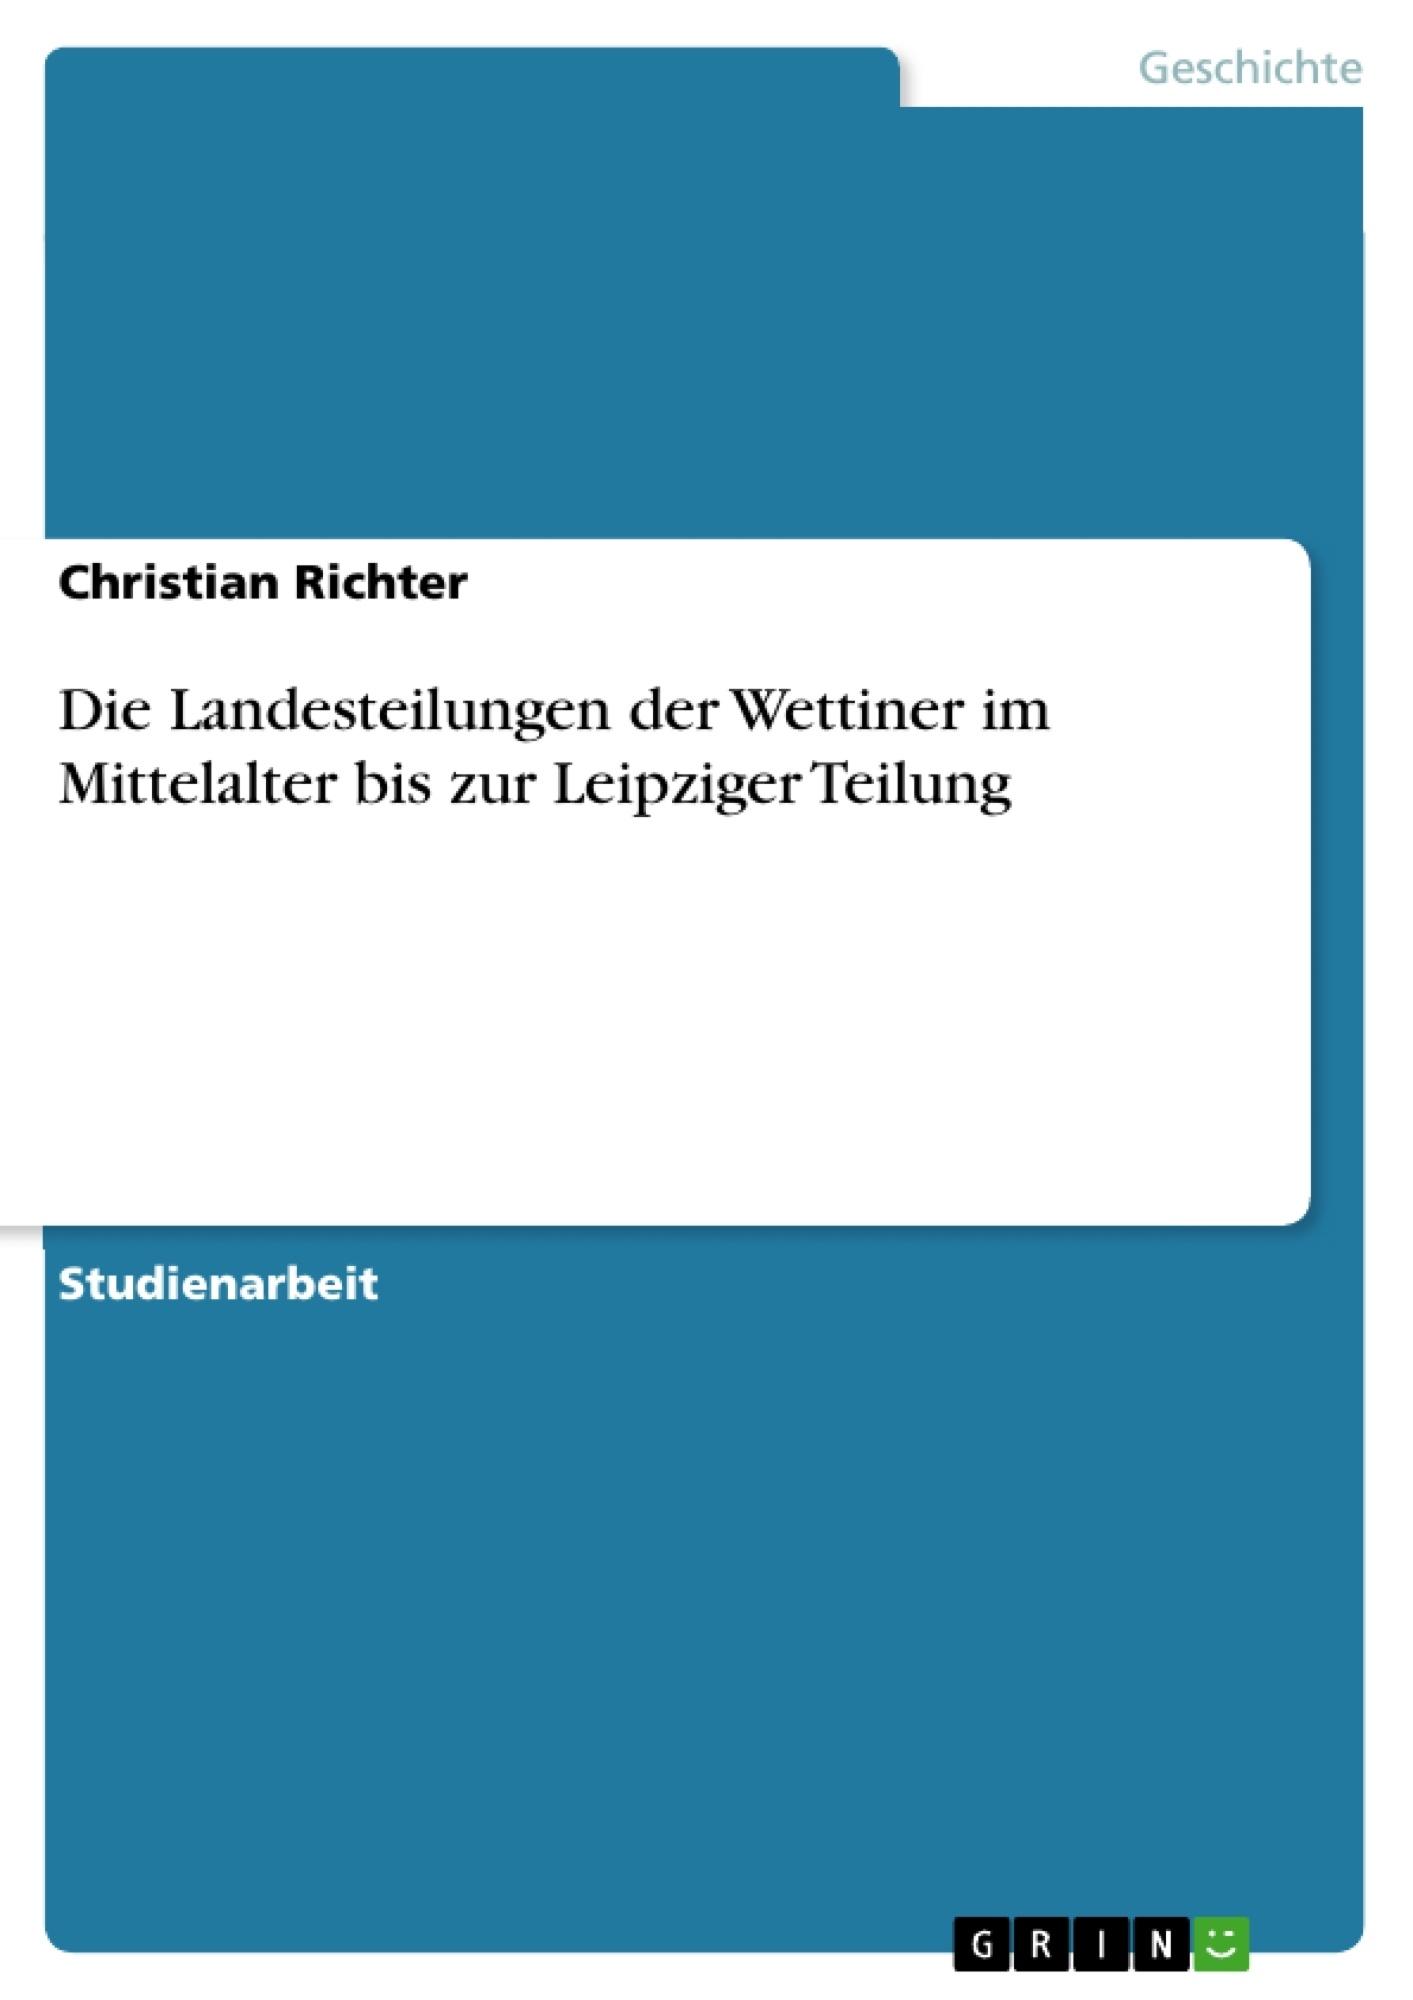 Titel: Die Landesteilungen der Wettiner im Mittelalter bis zur Leipziger Teilung